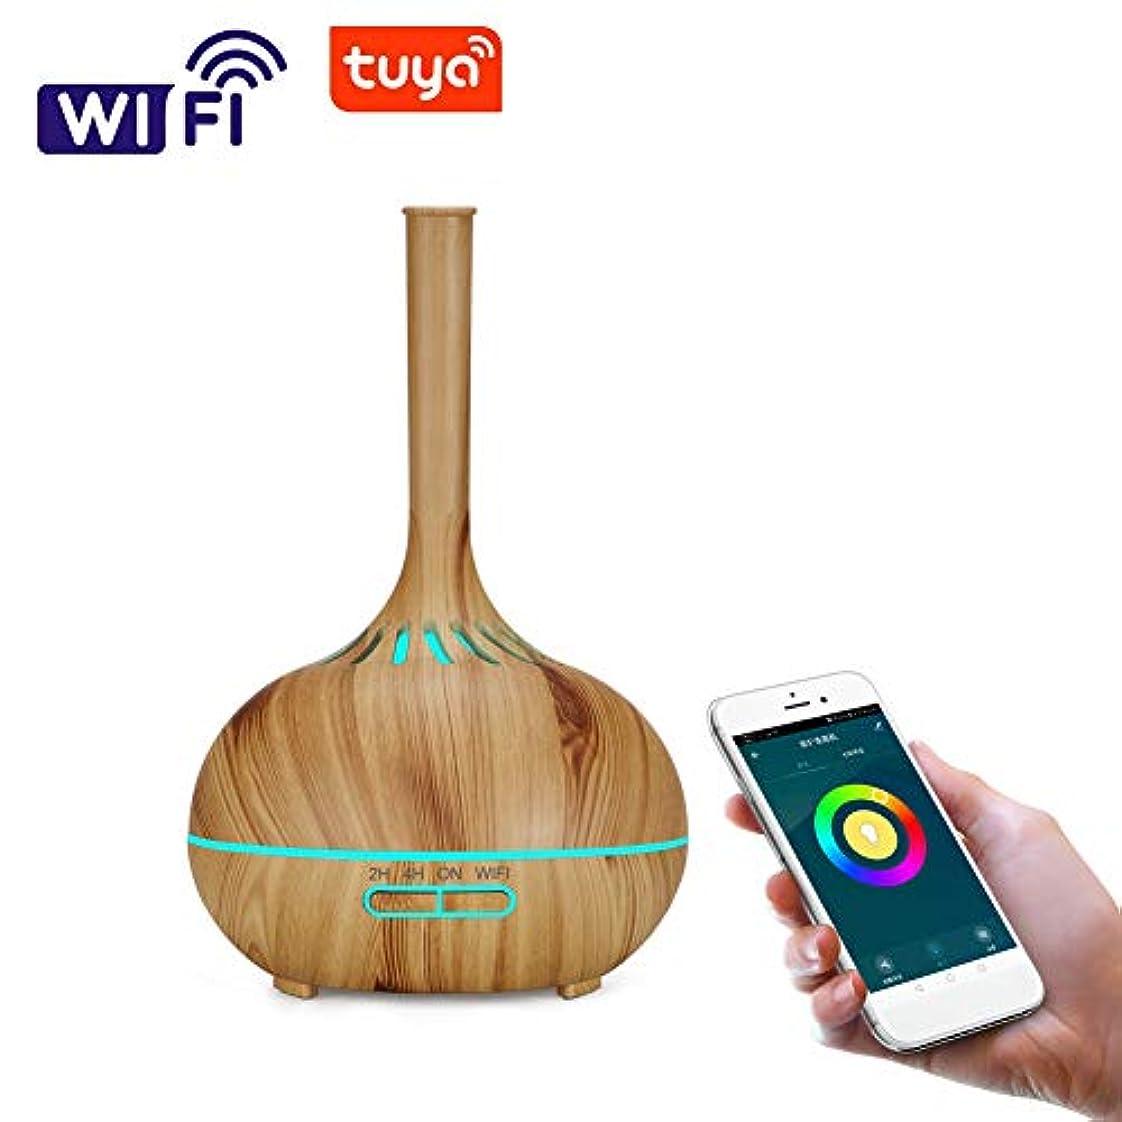 木目 涼しい霧 超音波式 加湿器,wifi 7 色 香り 精油 ディフューザー 調整可能 空気加湿器 アロマネブライザー ホーム Yoga オフィス- 400ml